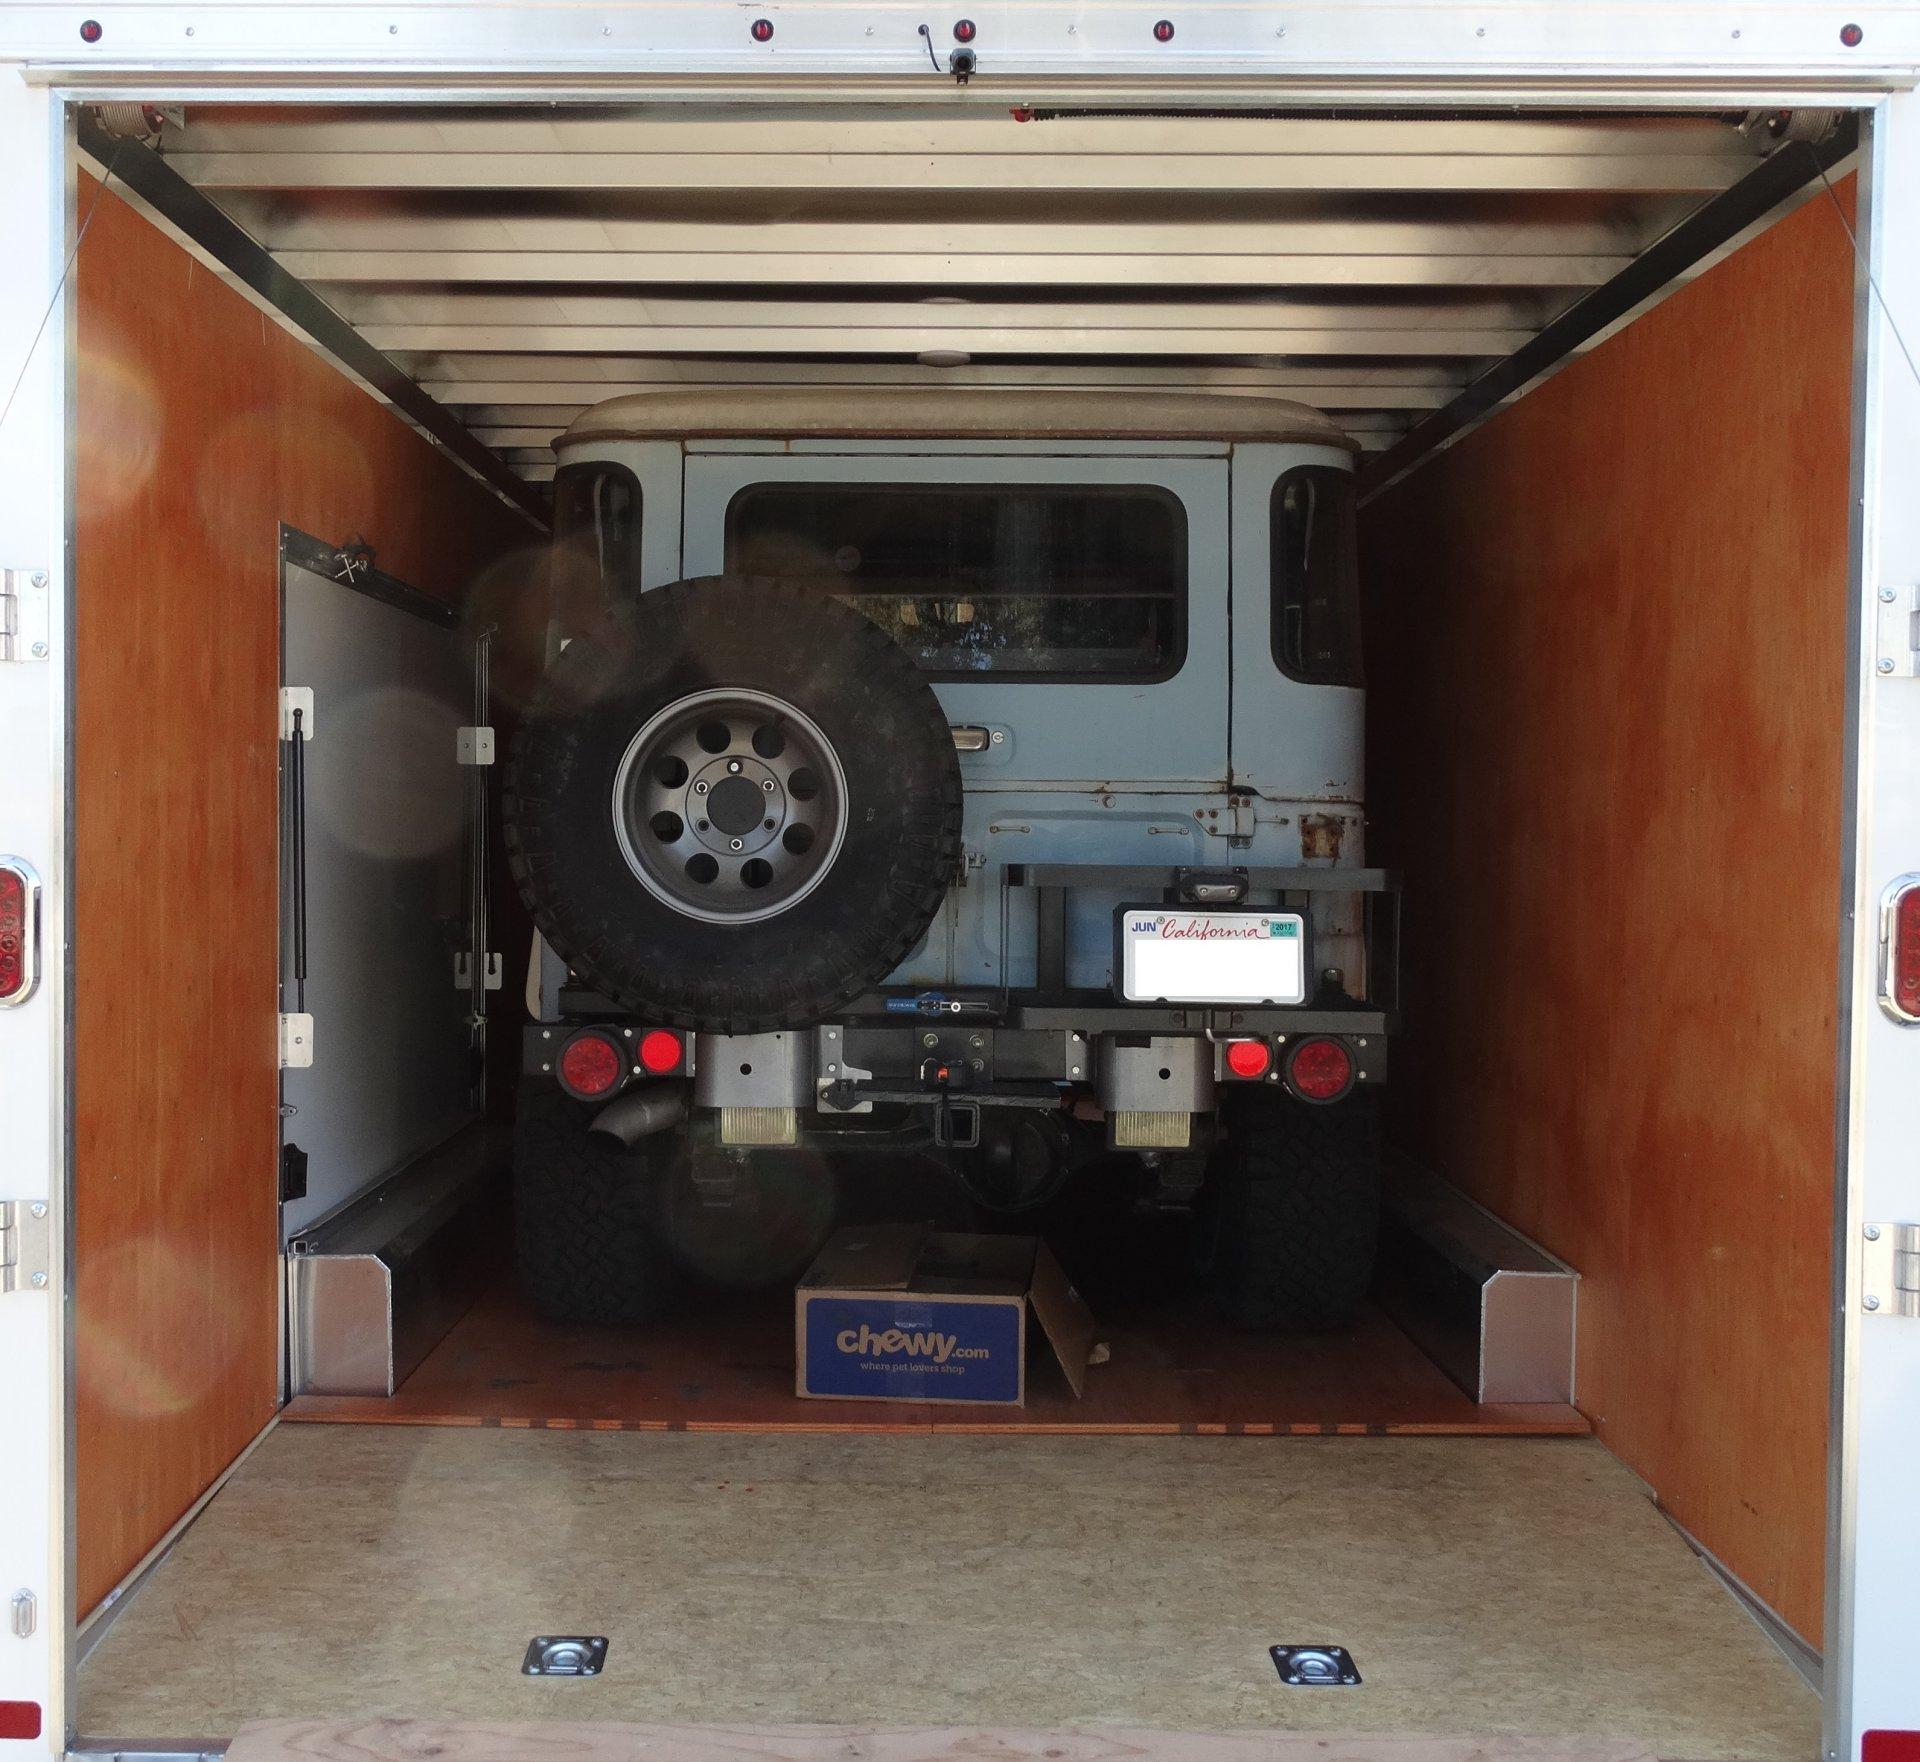 fj40 in trailer.jpg